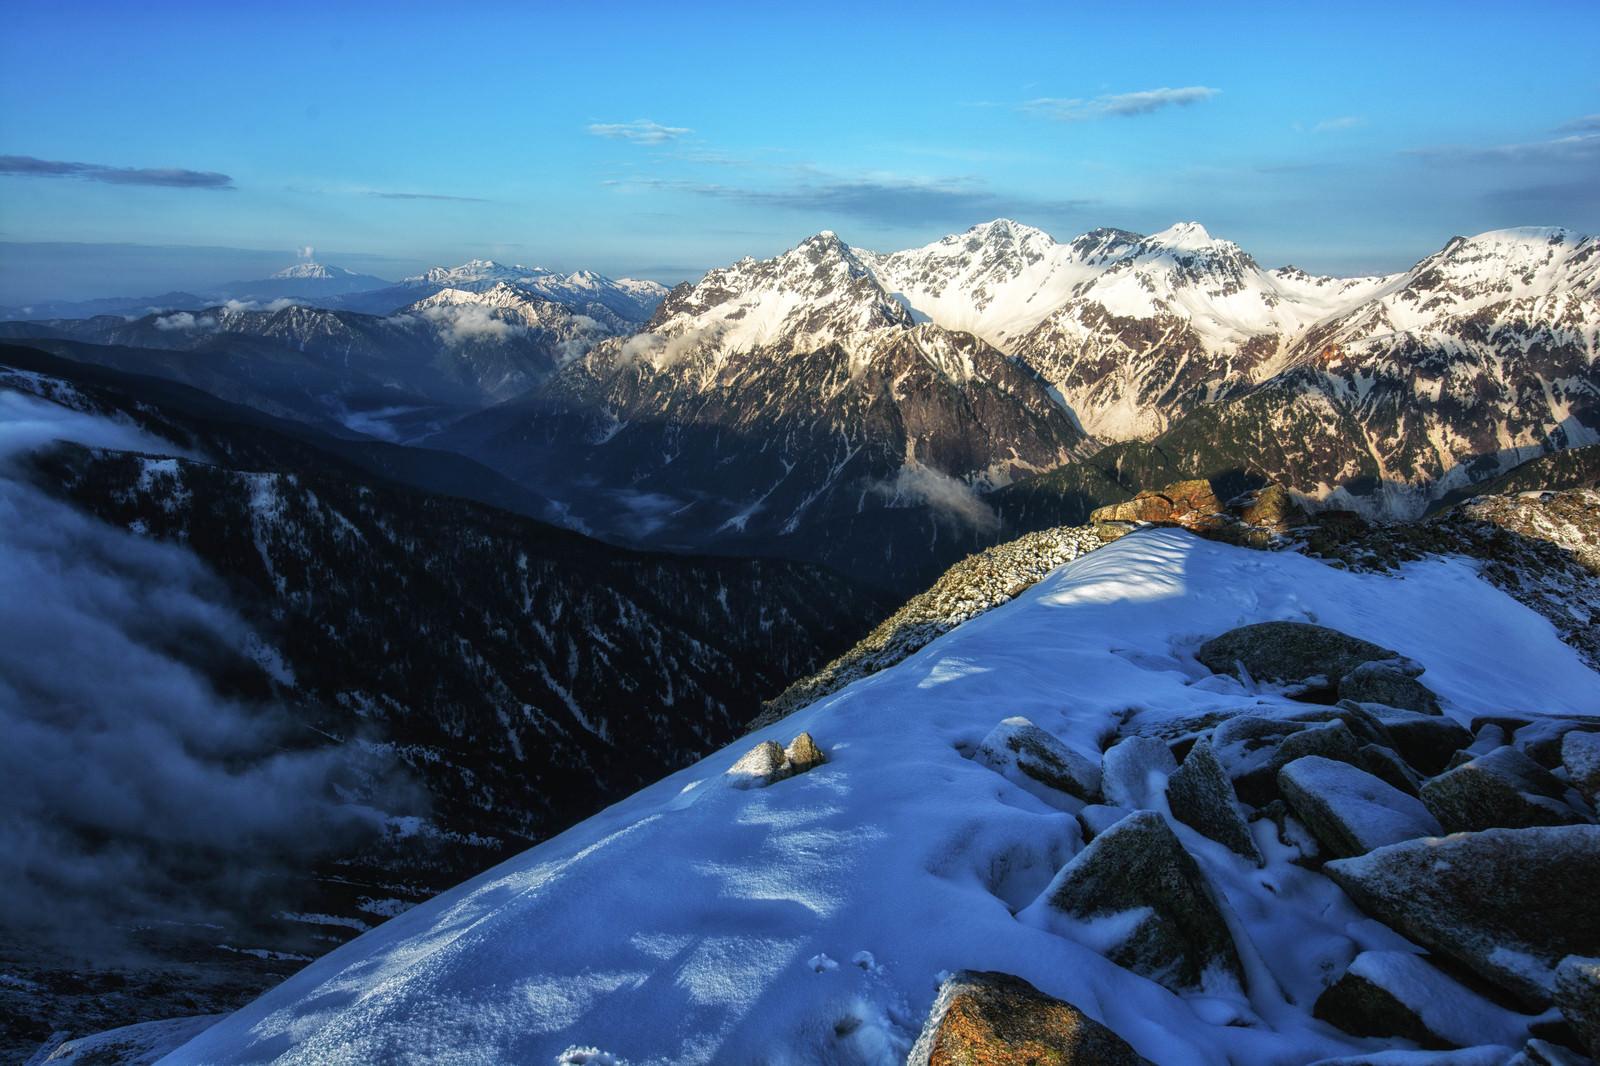 「常念岳山頂の雪景色」の写真